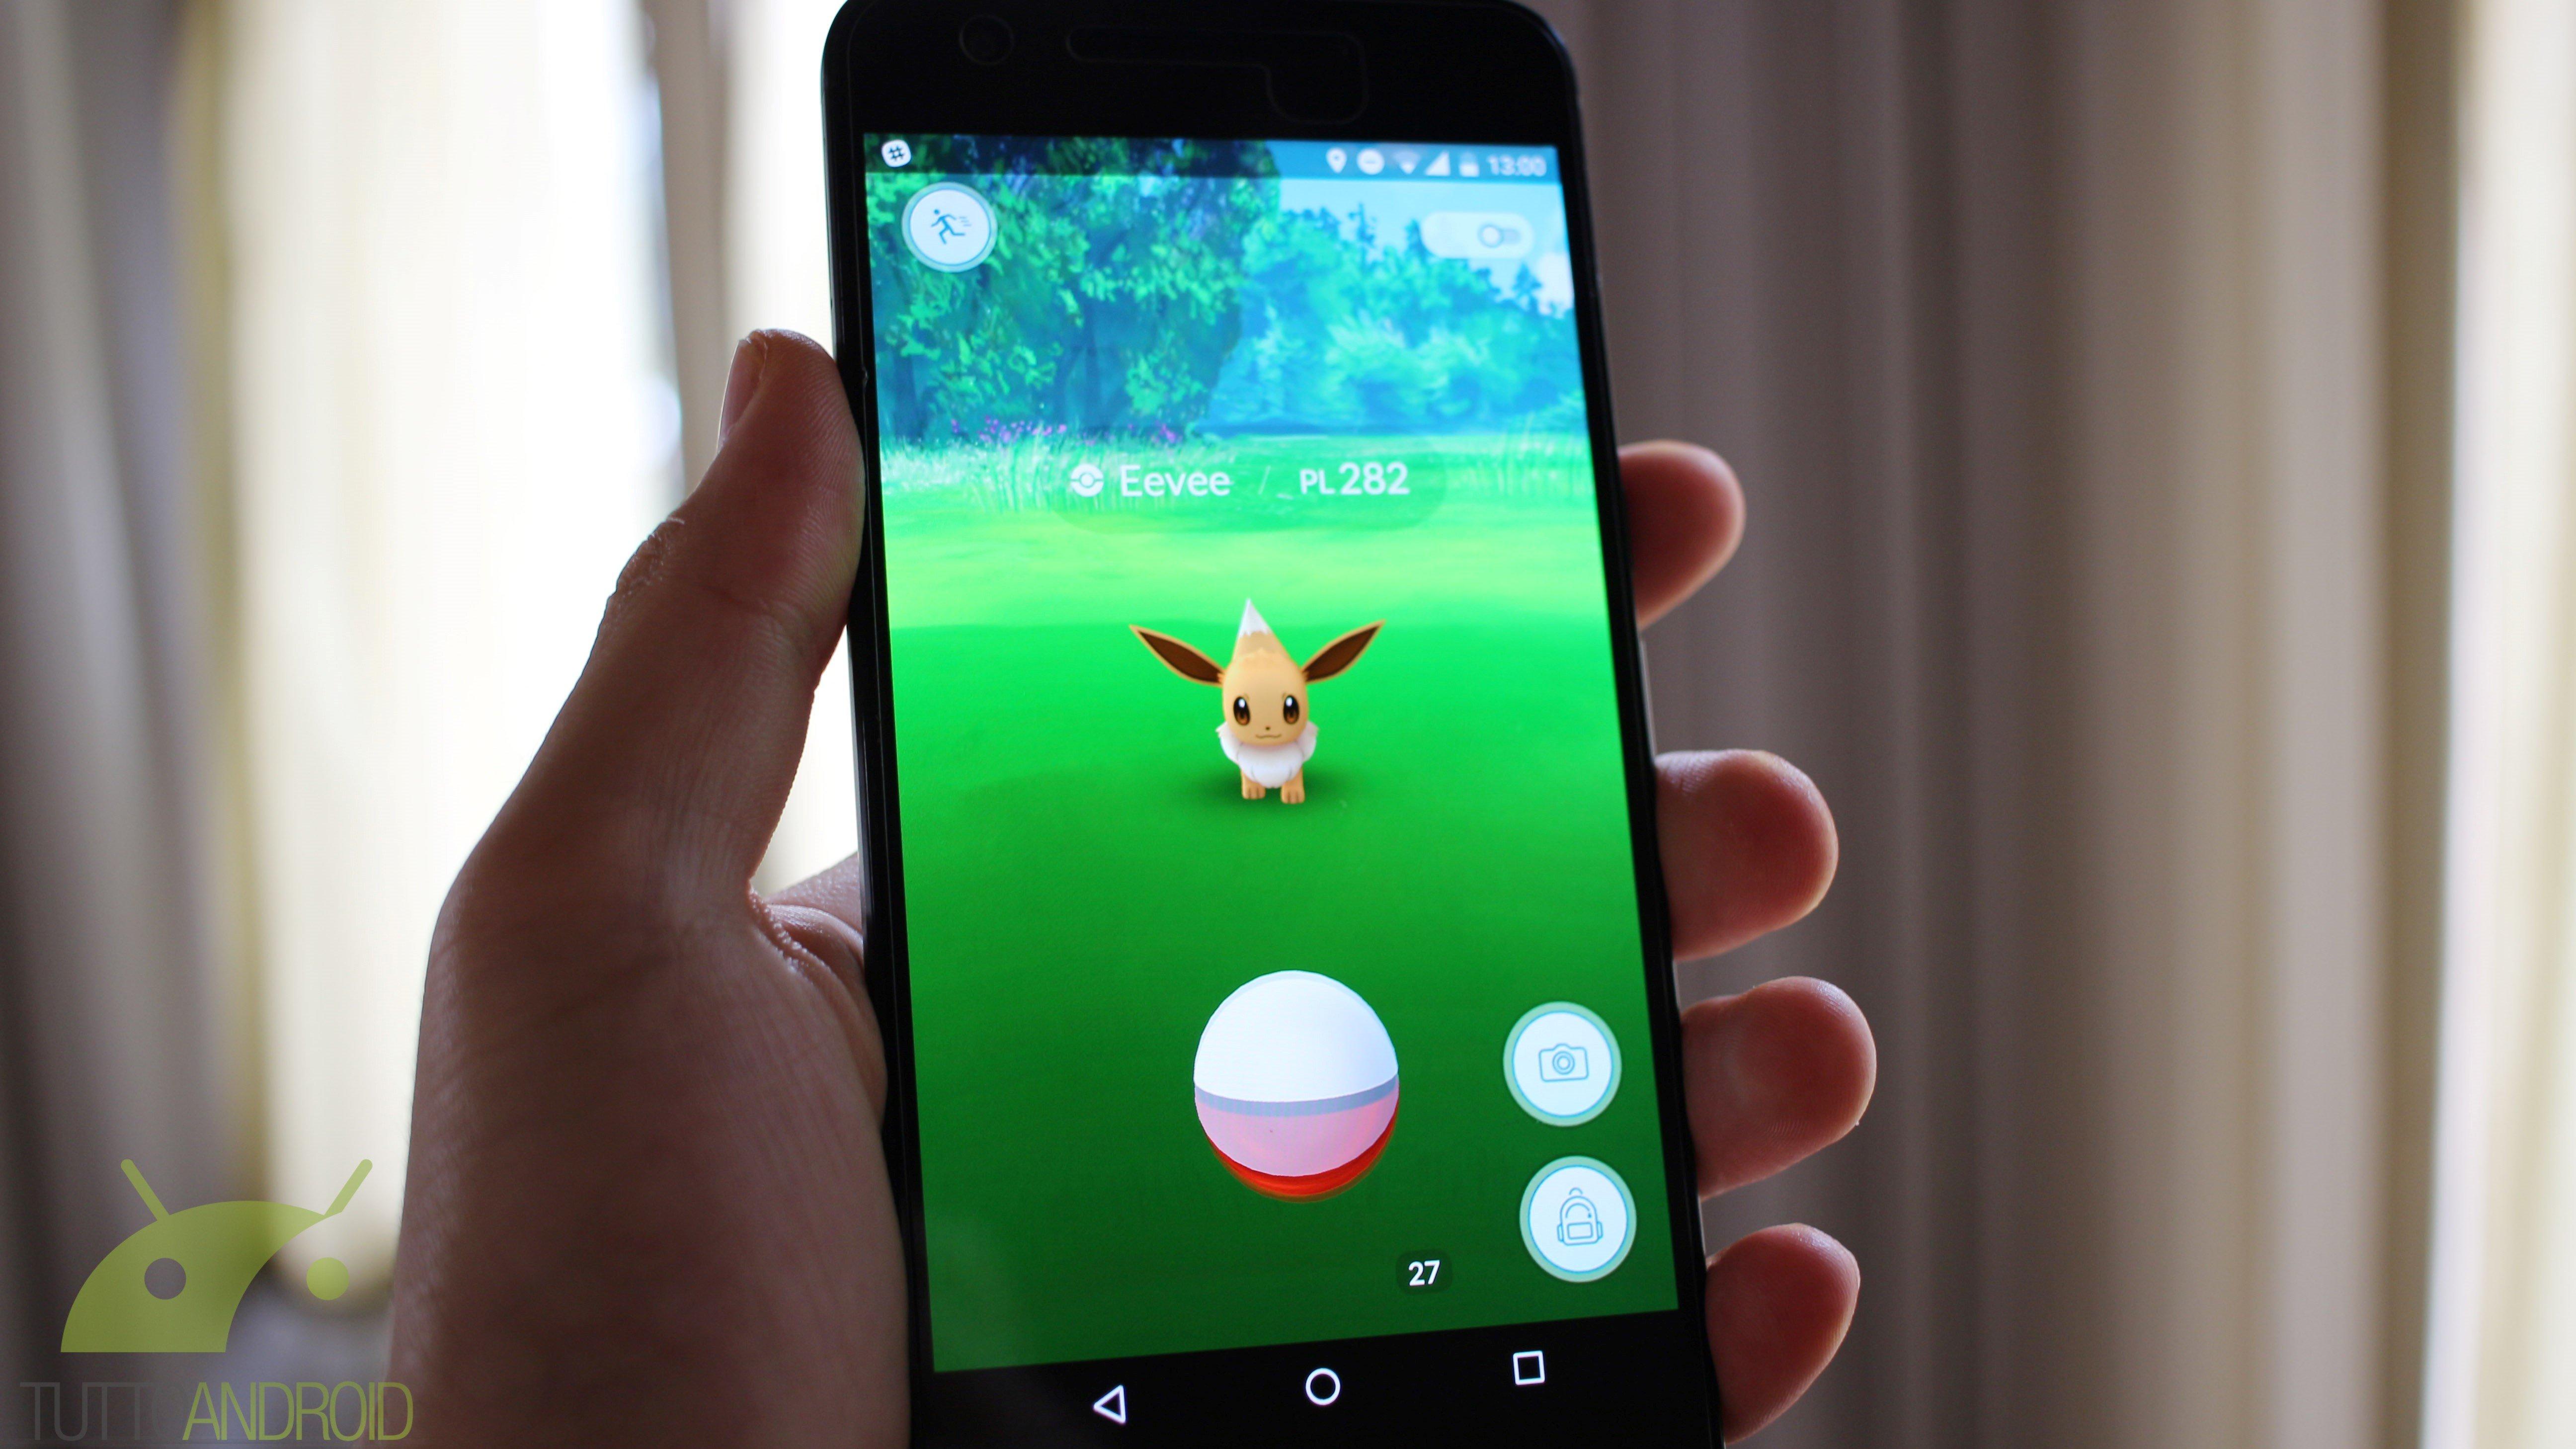 Pokémon GO: in arrivo novità per gli scambi, allenamenti, Pokémon rari, Palestre ed altro